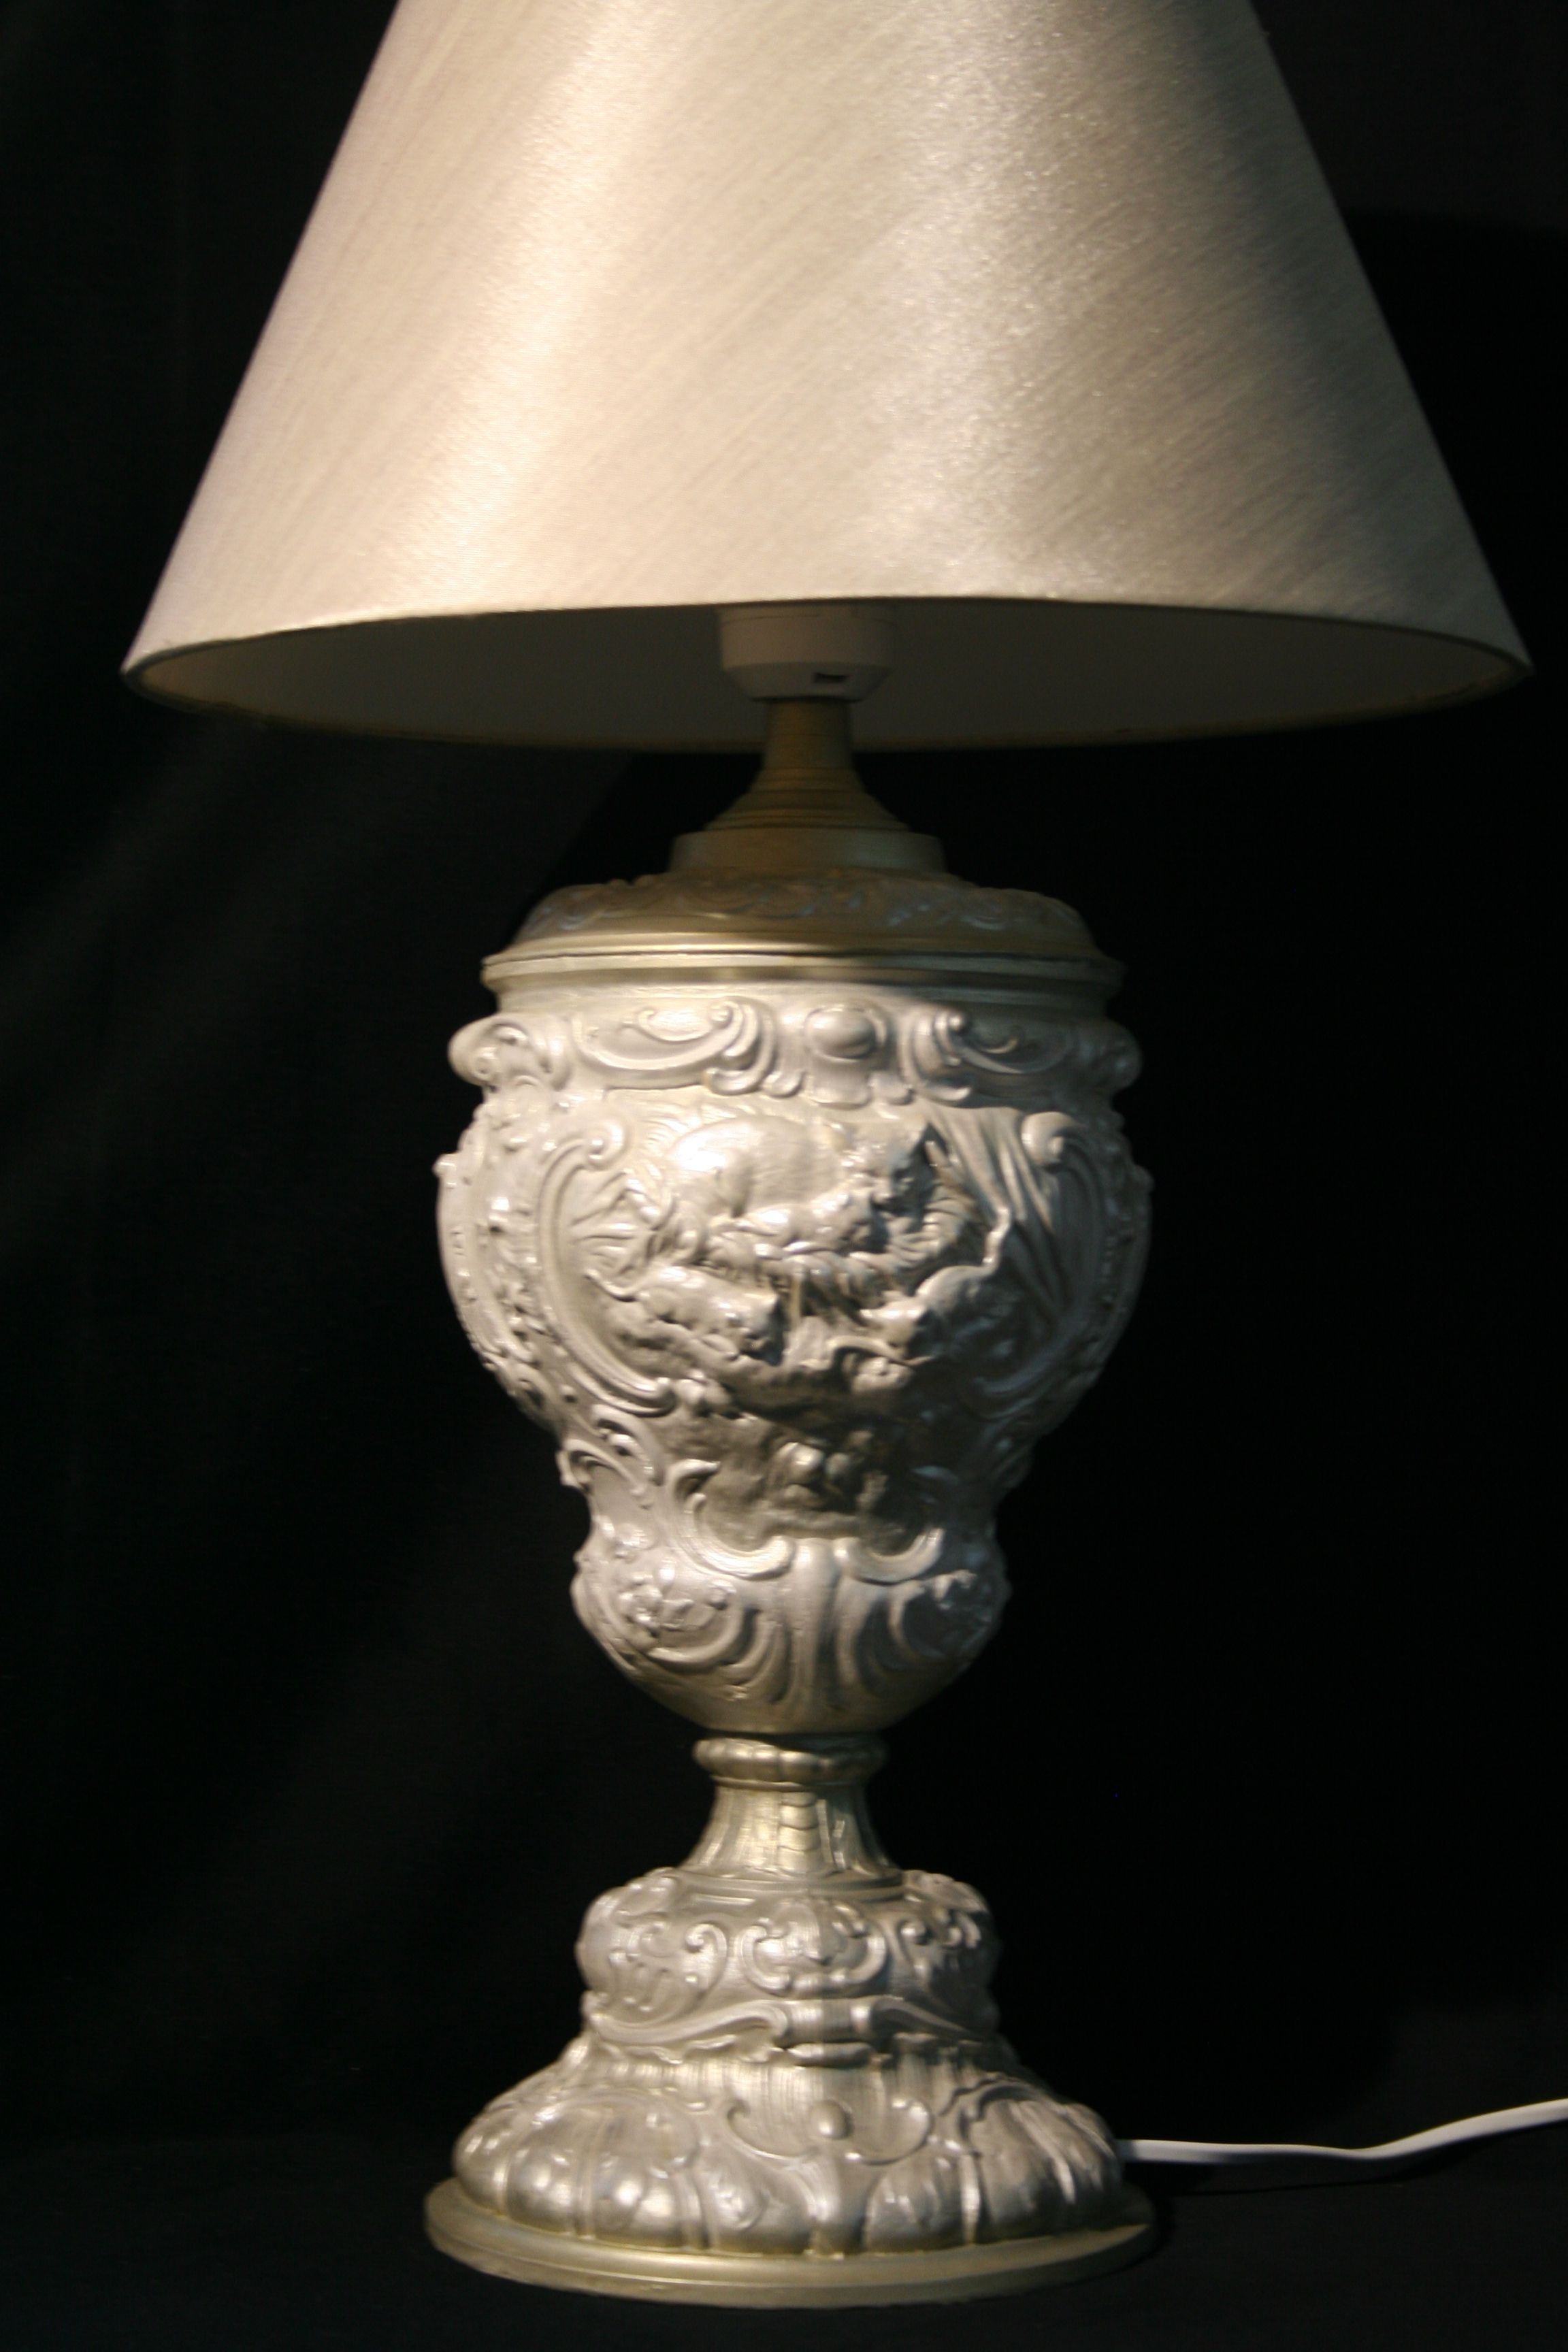 спальню абажуром работа работы ручной эксклюзив авторский светильник лампа дизайн абажур для ручная детскую дома новоселье подарок антиквариат